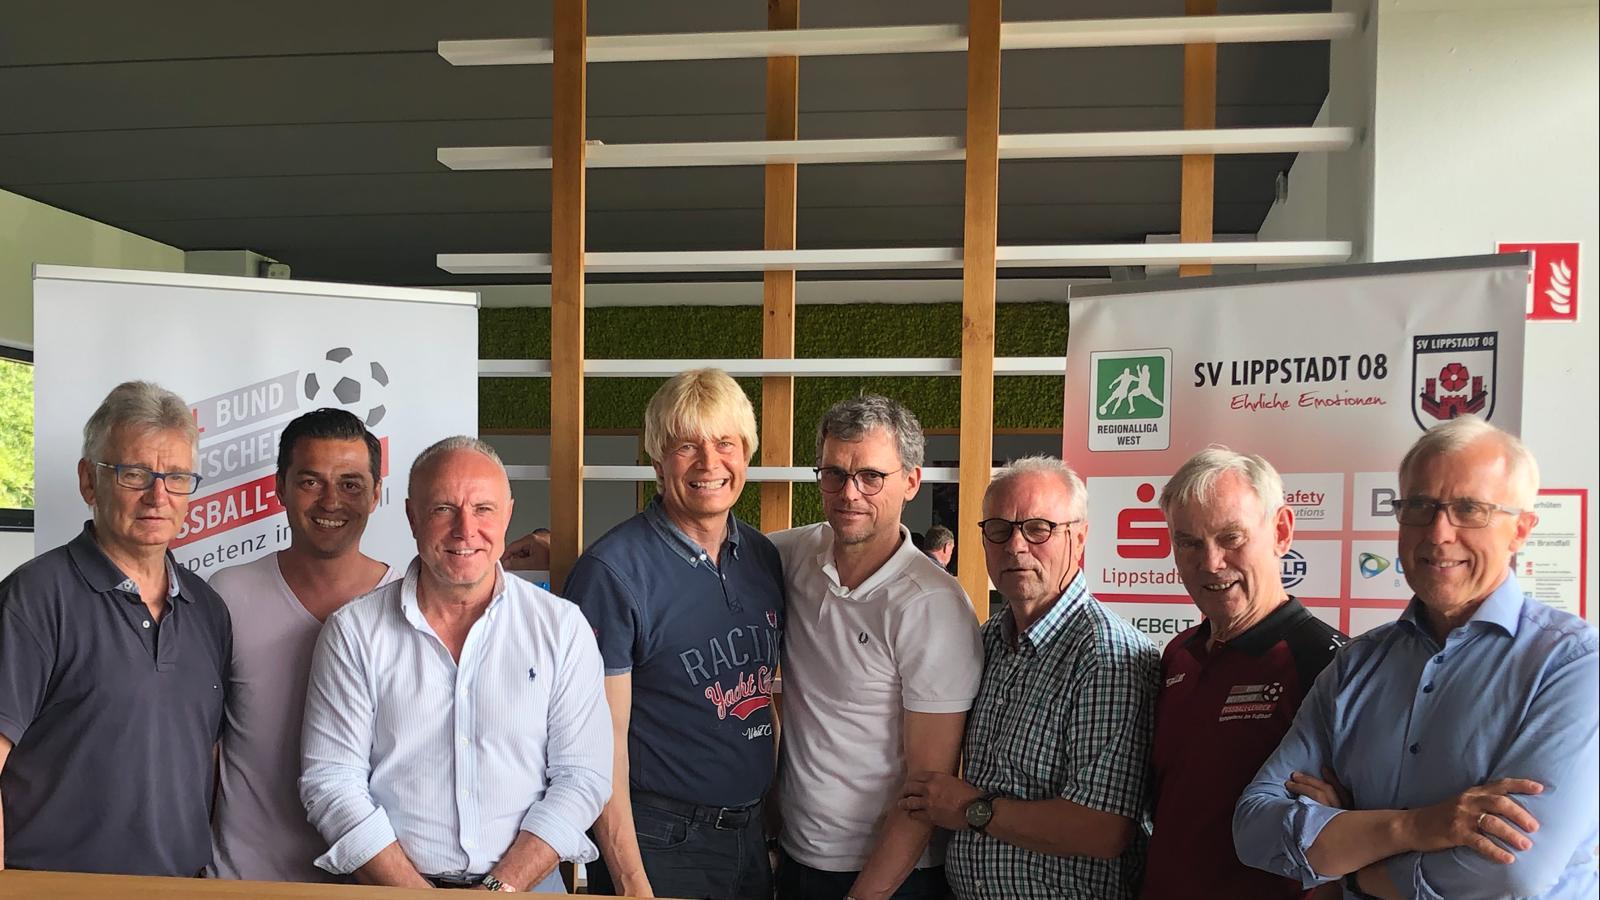 Michael Rummenigge besuchte die Fortbildung des Bundes Deutscher Fußball Lehrer in Lippstadt